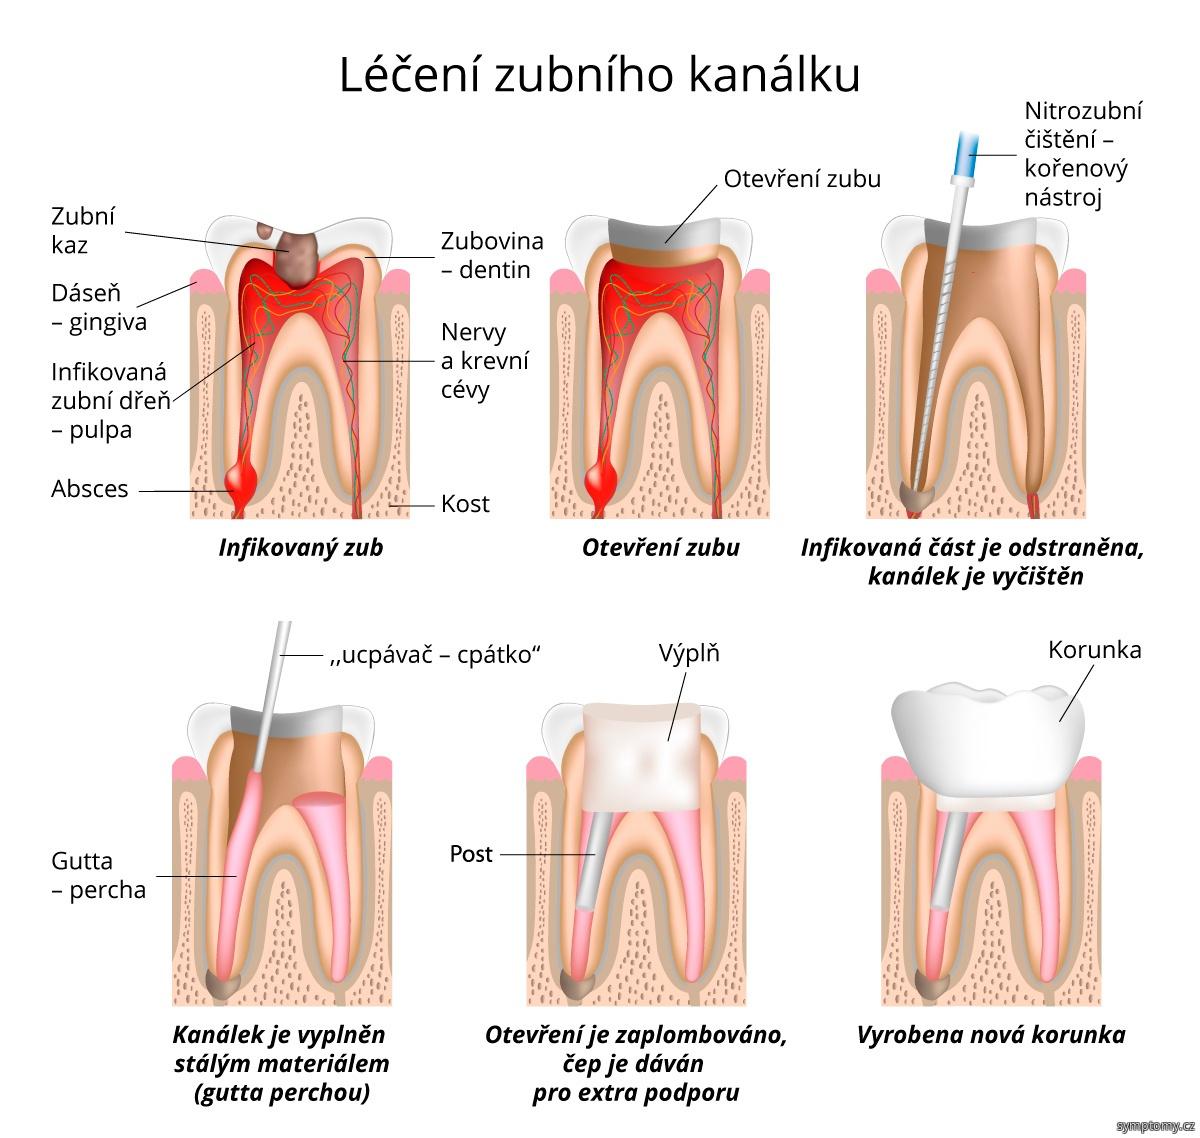 Léčení zubního kanálku, výplň, čep a korunka